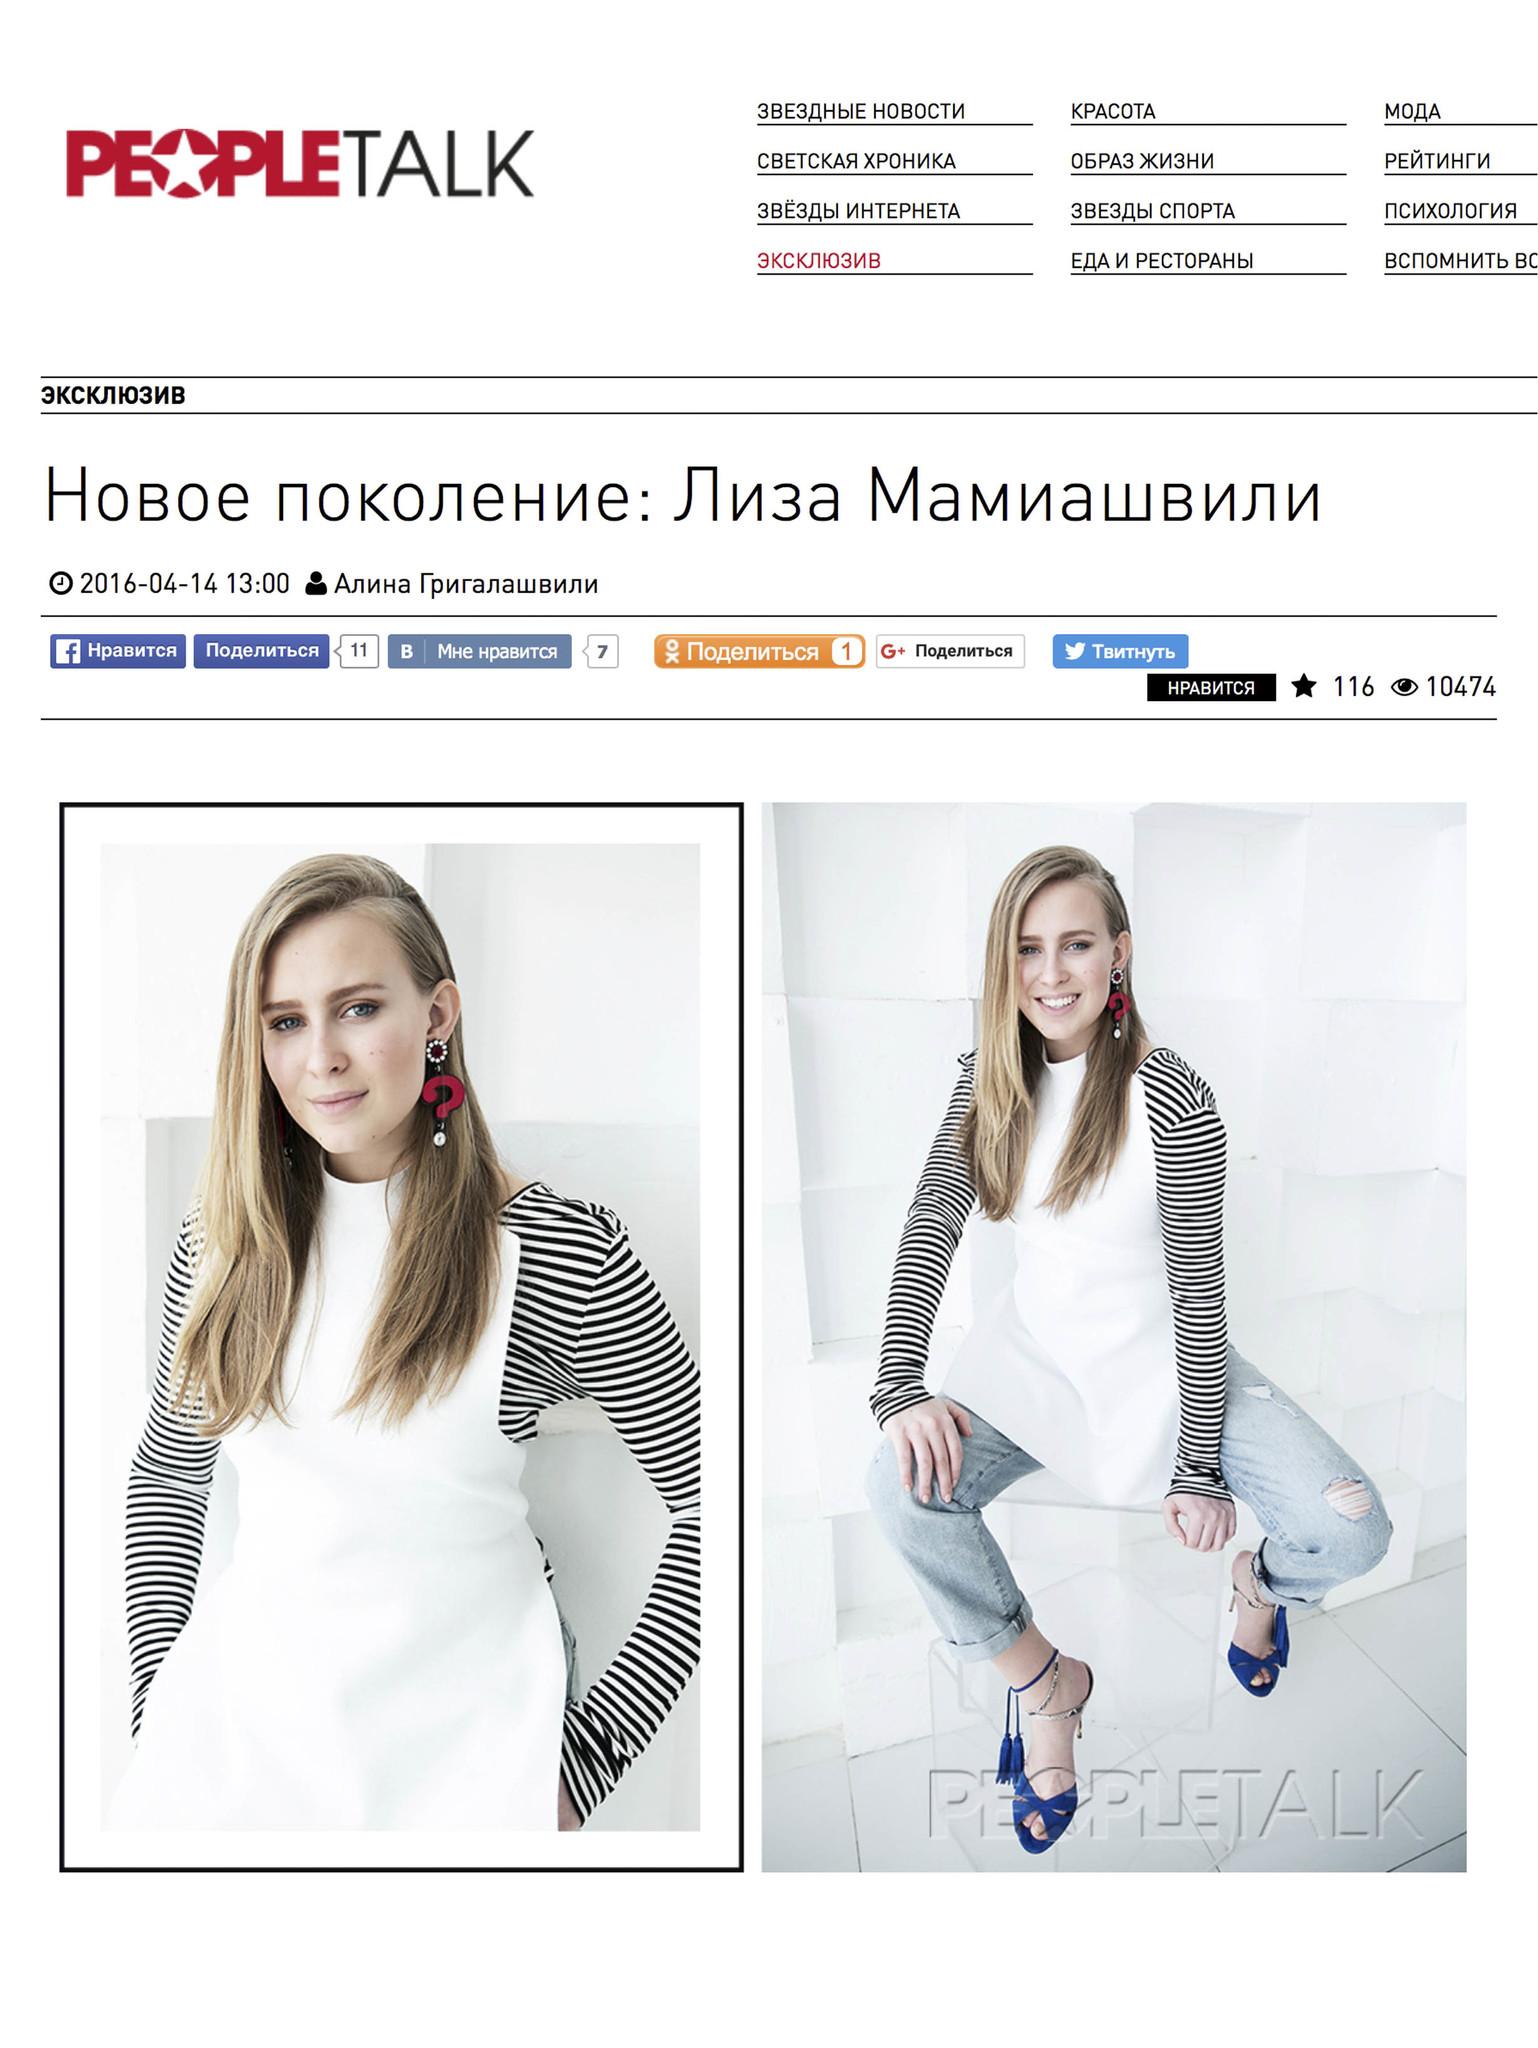 Очаровательная Лиза Мамиашвили в украшенияx Jennifer Loiselle для People Talk